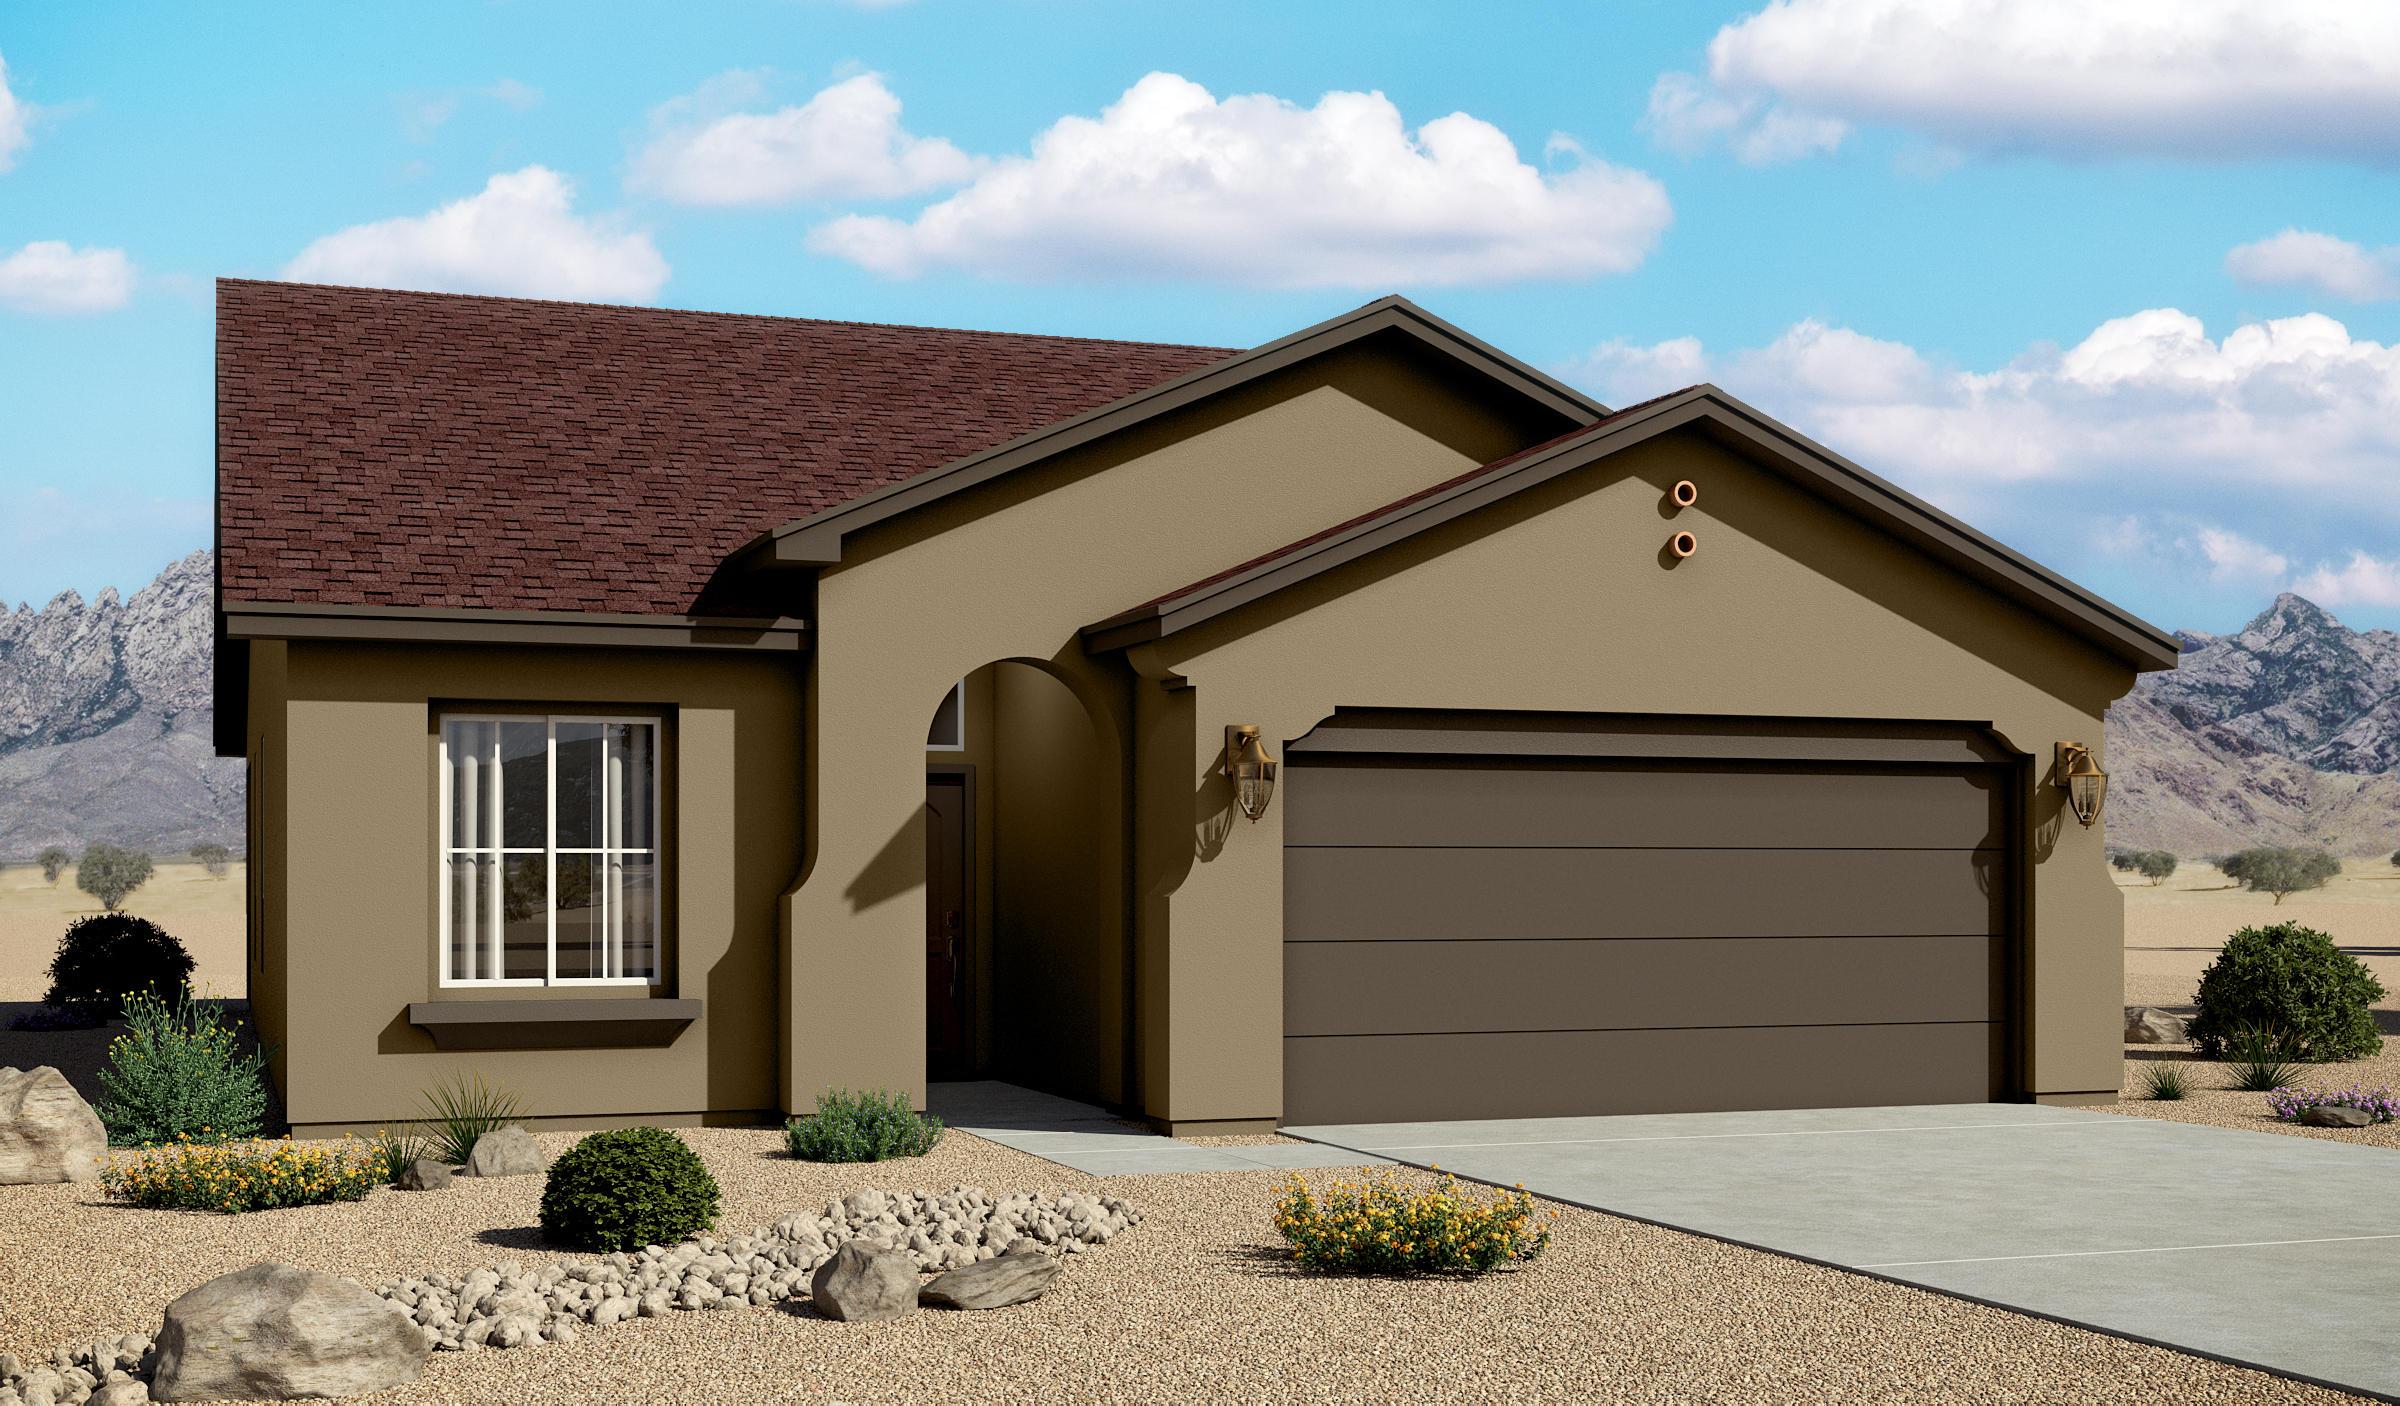 6391 NE Red Falcon Drive, Rio Rancho, New Mexico